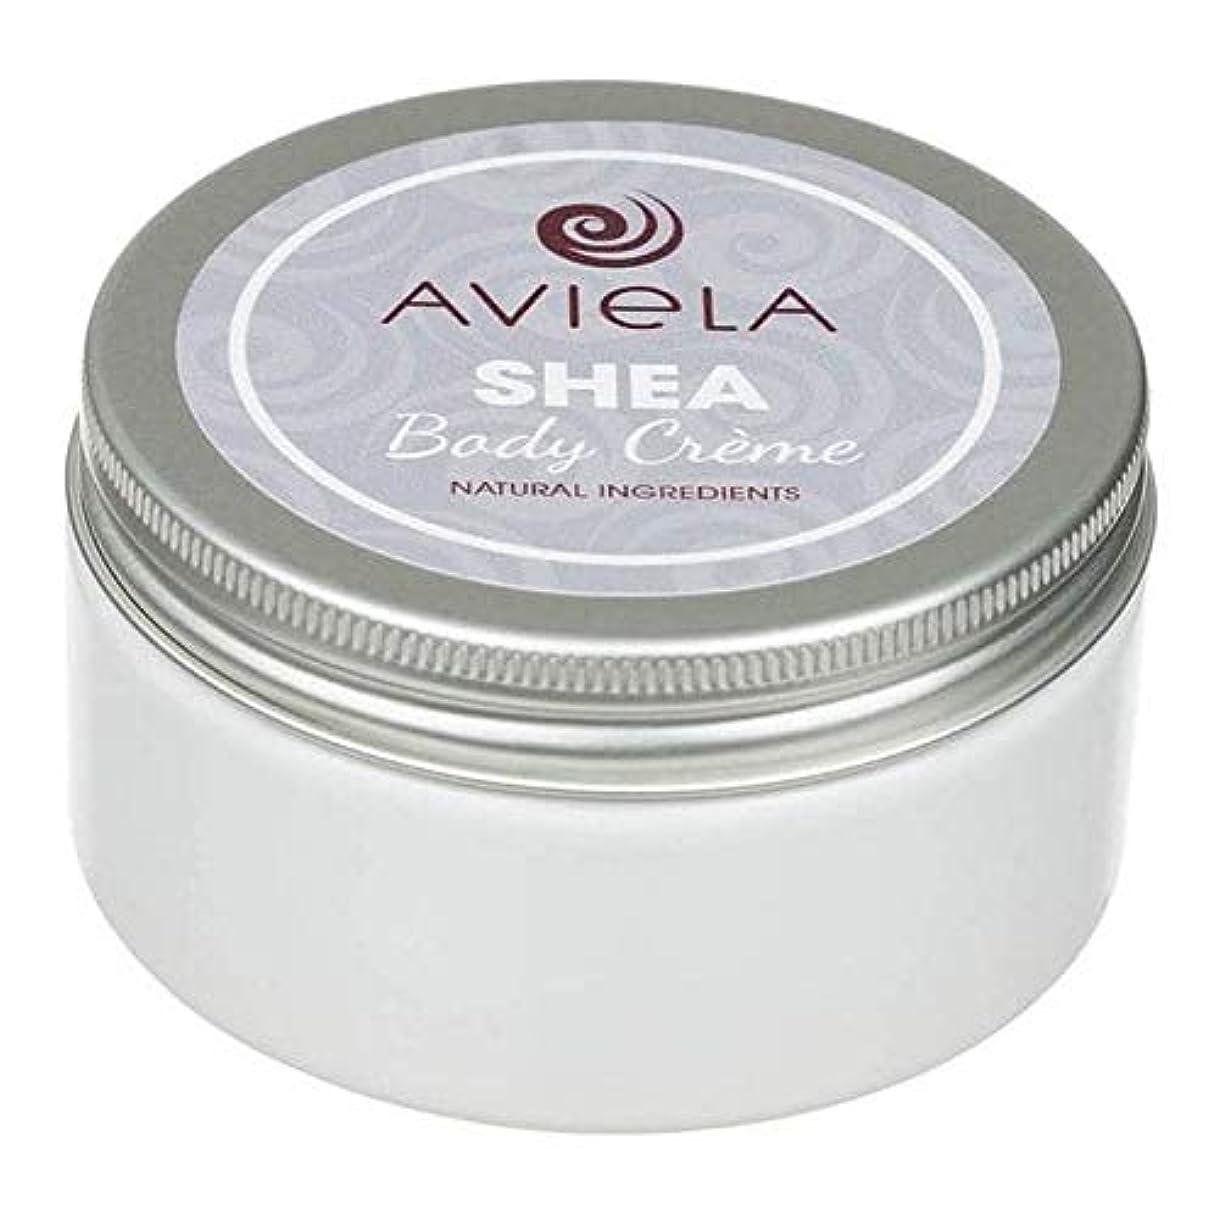 考える家具ごちそう[Aviela] Avielaシアボディクリーム200グラム - Aviela Shea Body Creme 200g [並行輸入品]